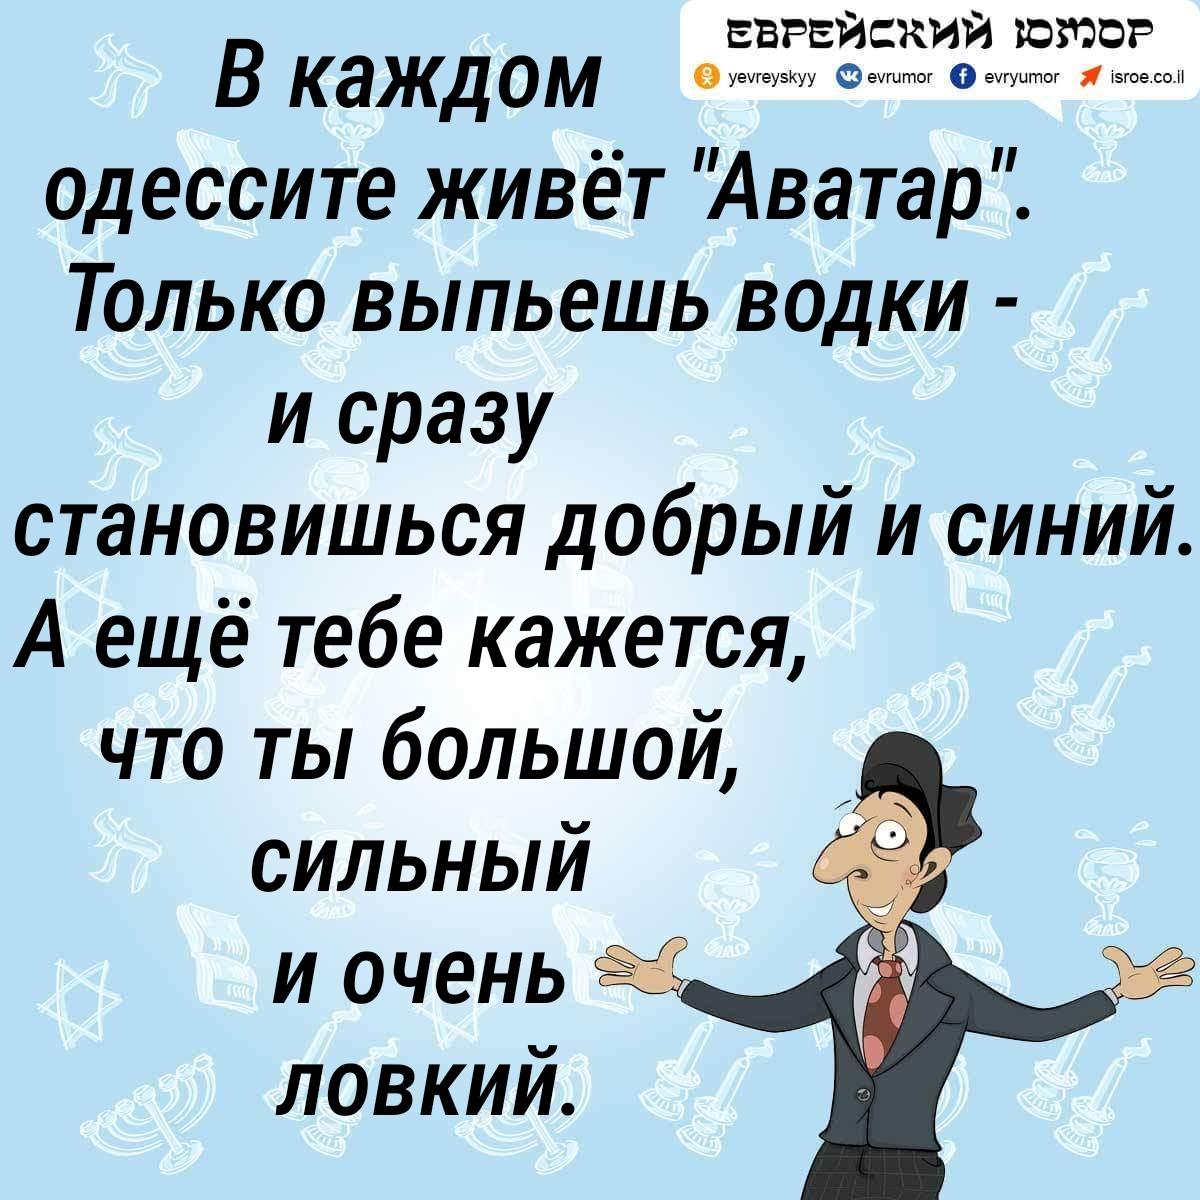 Еврейский юмор. Одесский анекдот. Одесский аватар